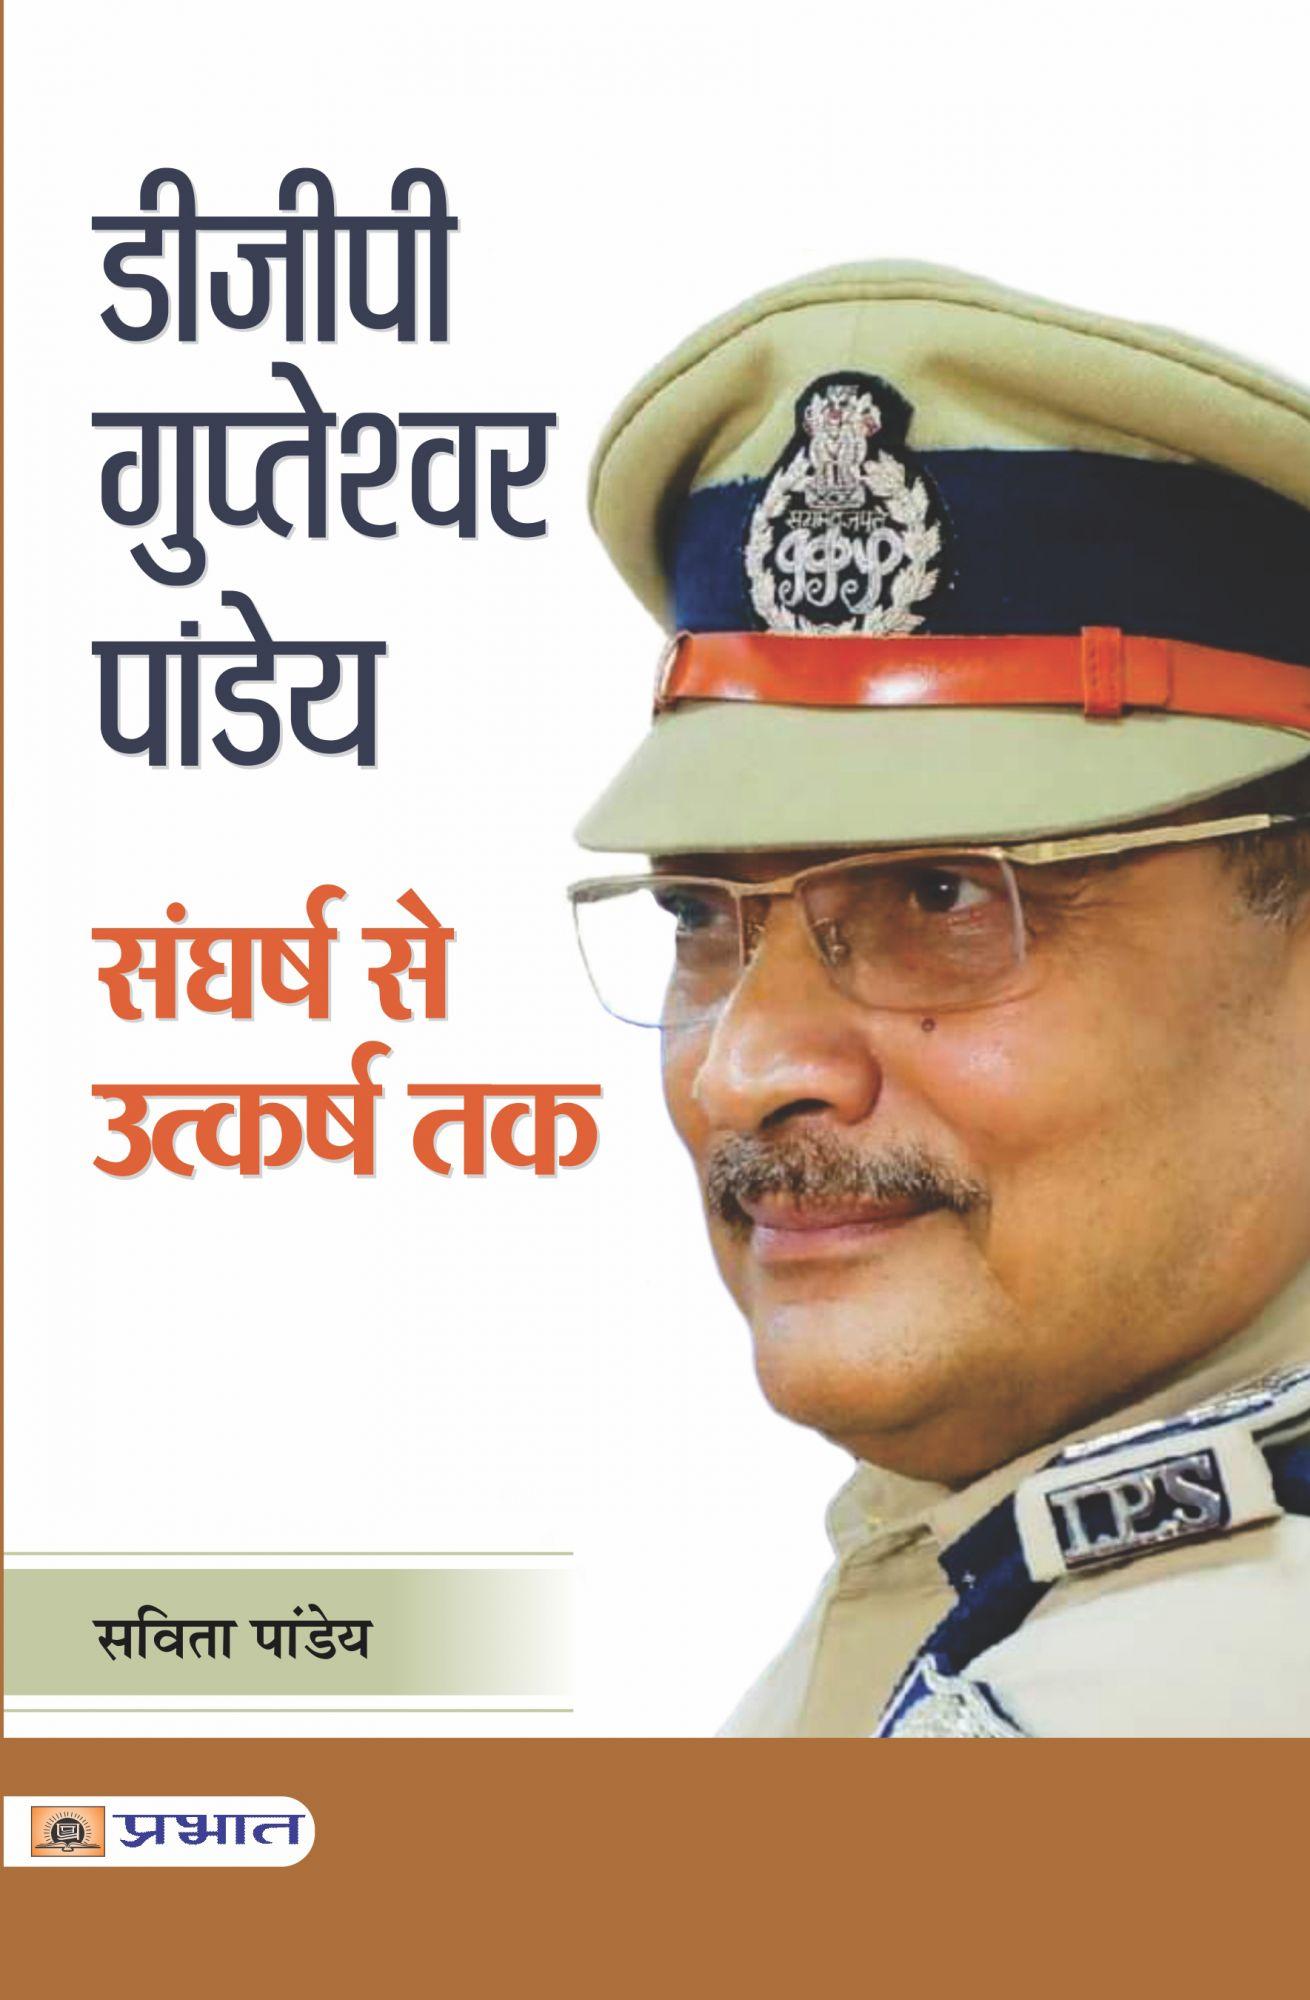 DGP Gupteshwar Pandey: Sangharsh Se Utkarsh Tak by Savita Pandey